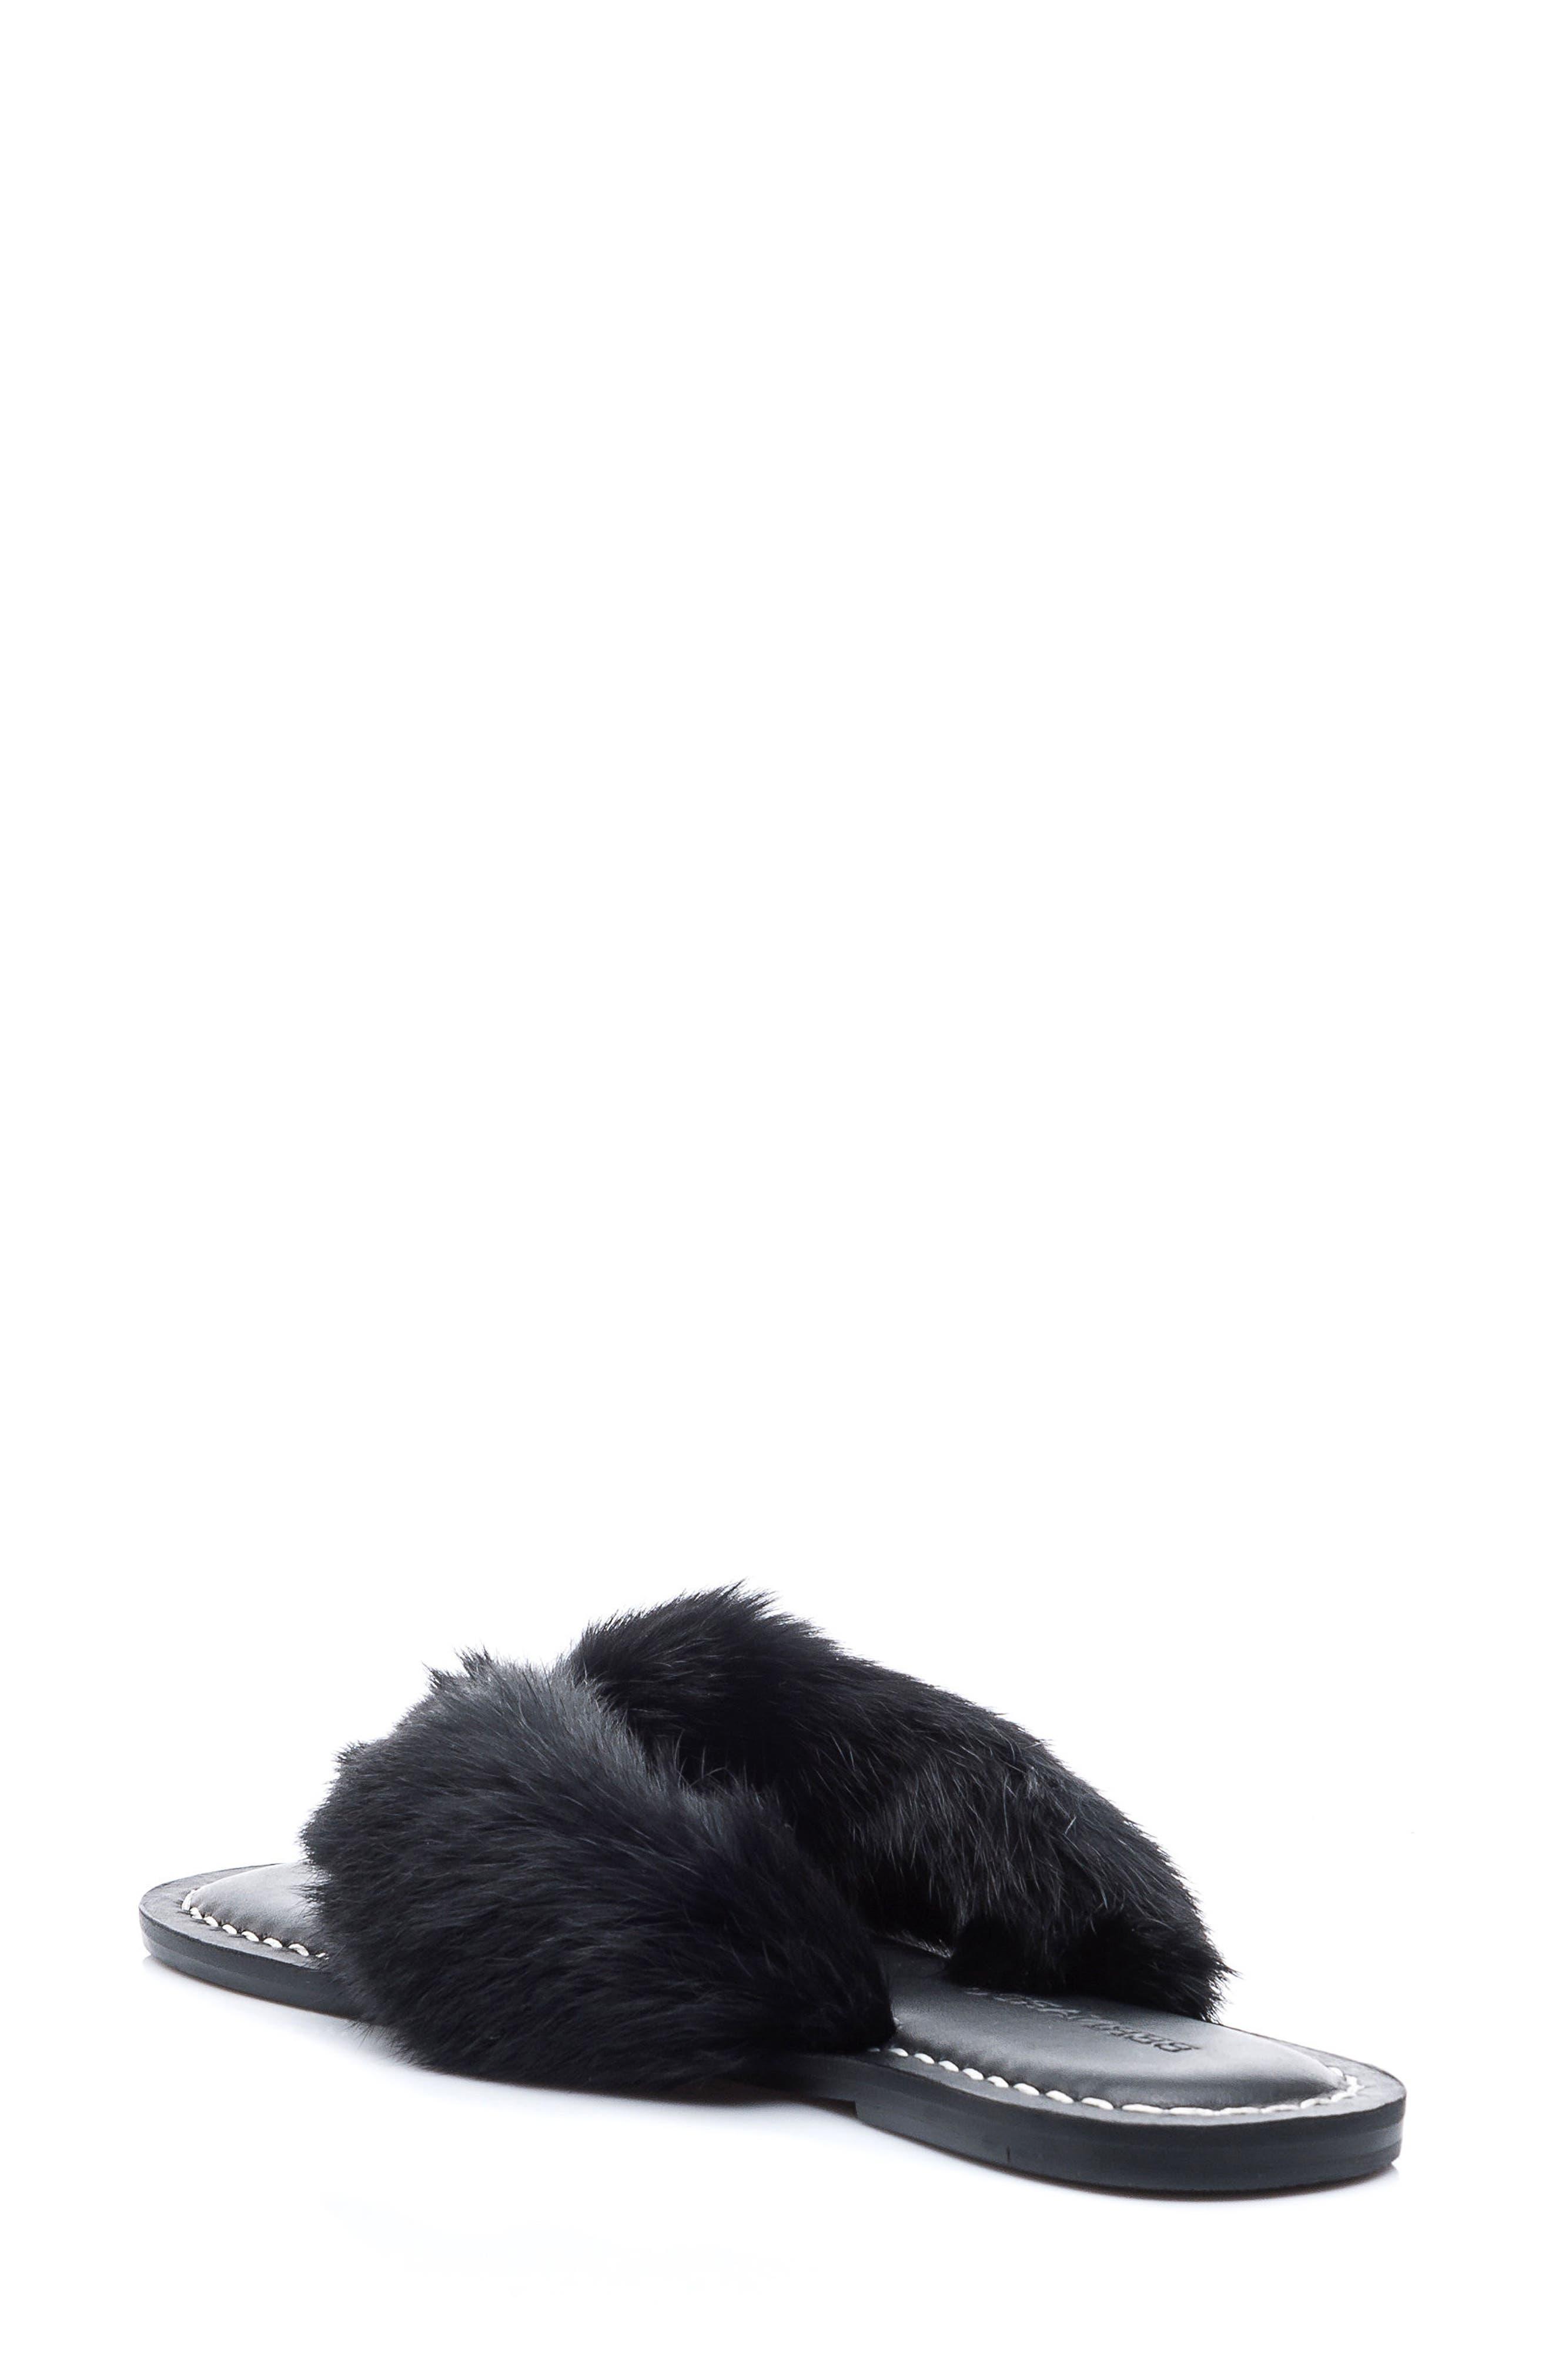 Genuine Rabbit Fur Flip Flop,                             Alternate thumbnail 2, color,                             001